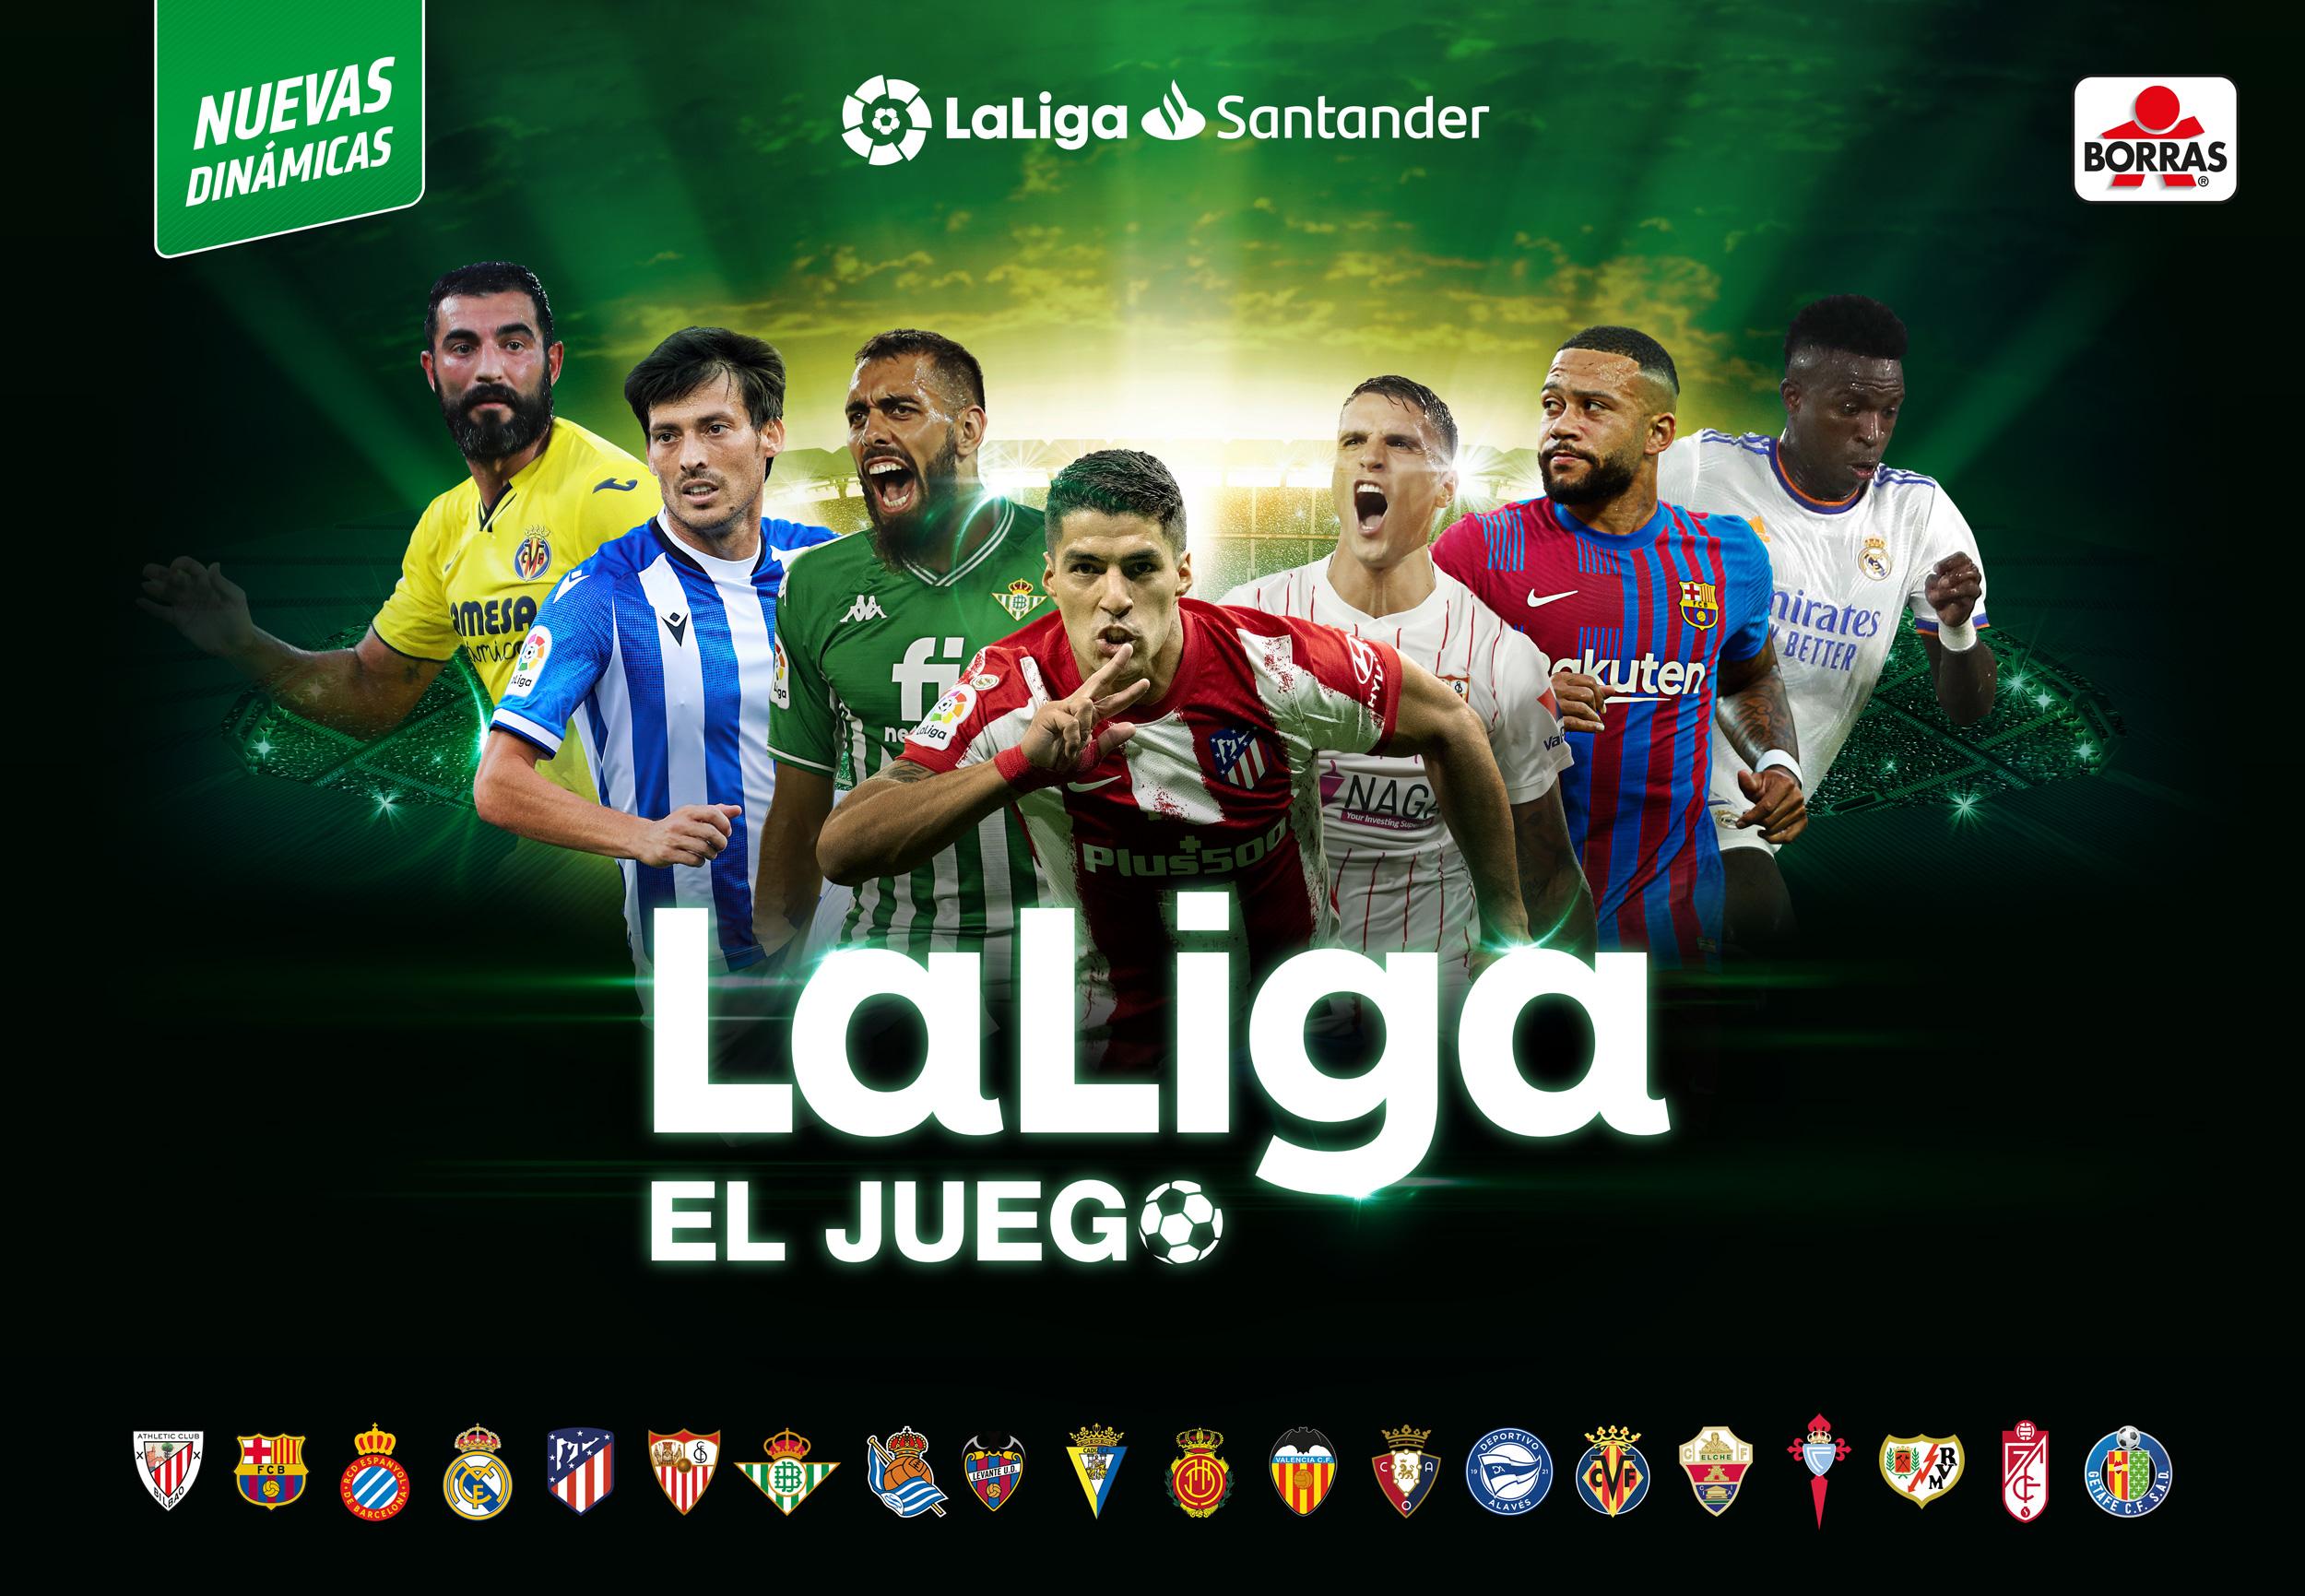 LaLiga. El juego 2021-22